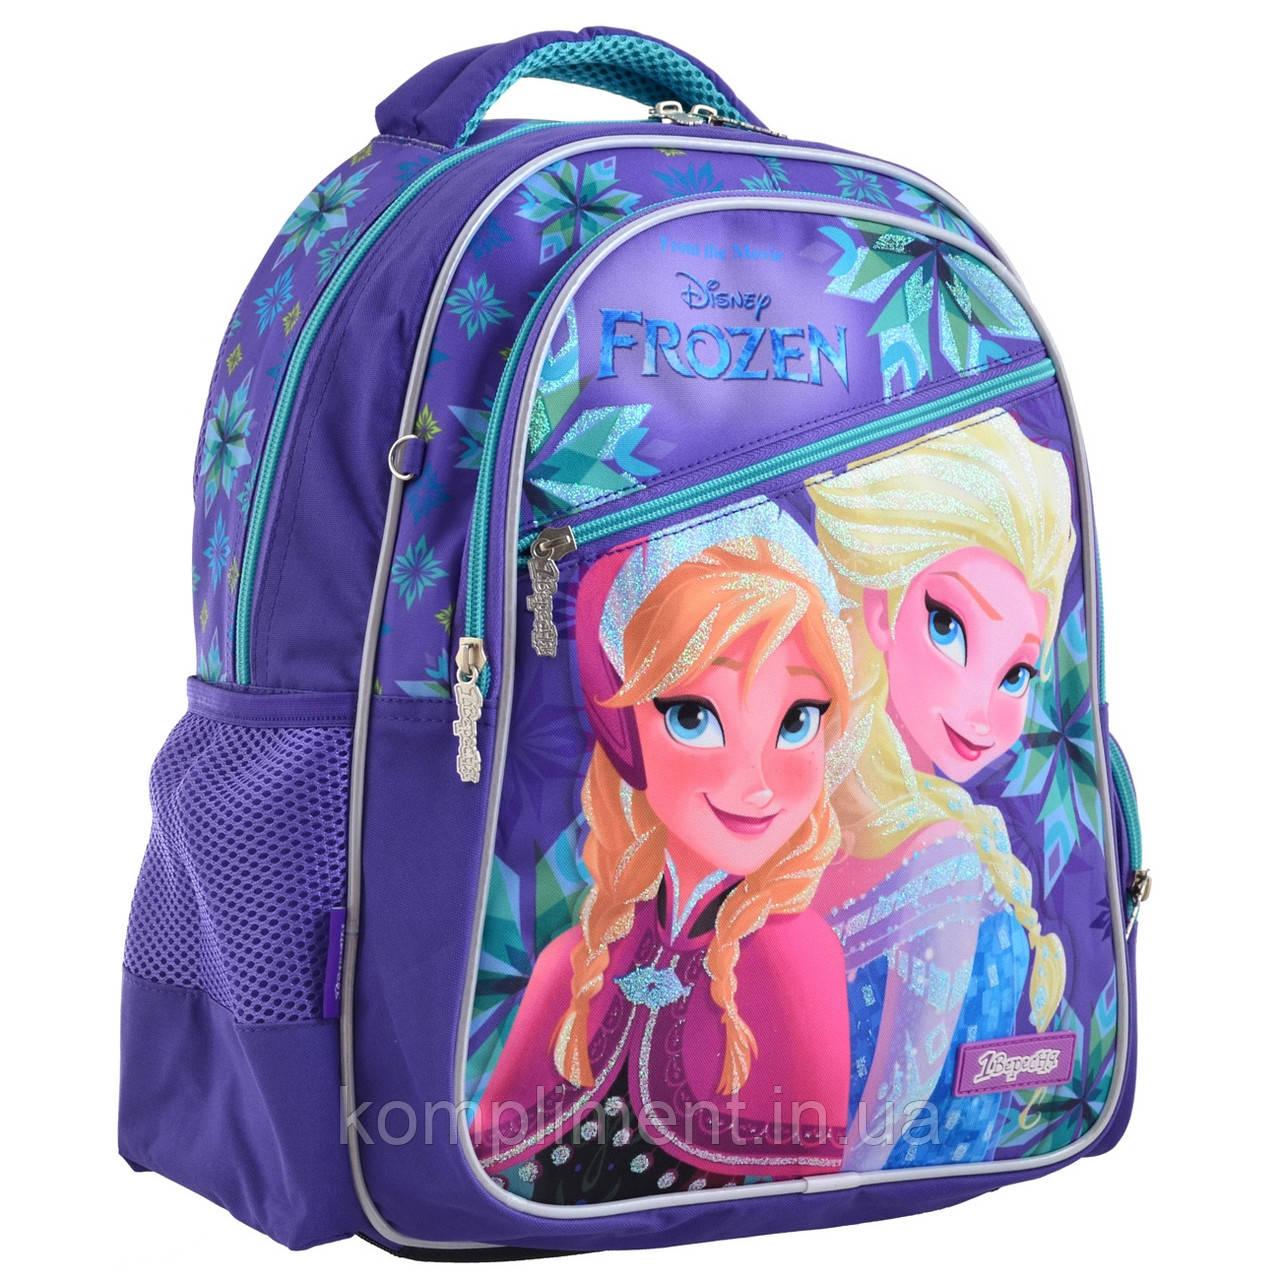 """Рюкзак школьный подростковый для девочки S-23 """"Frozen """", 1 Вересня"""